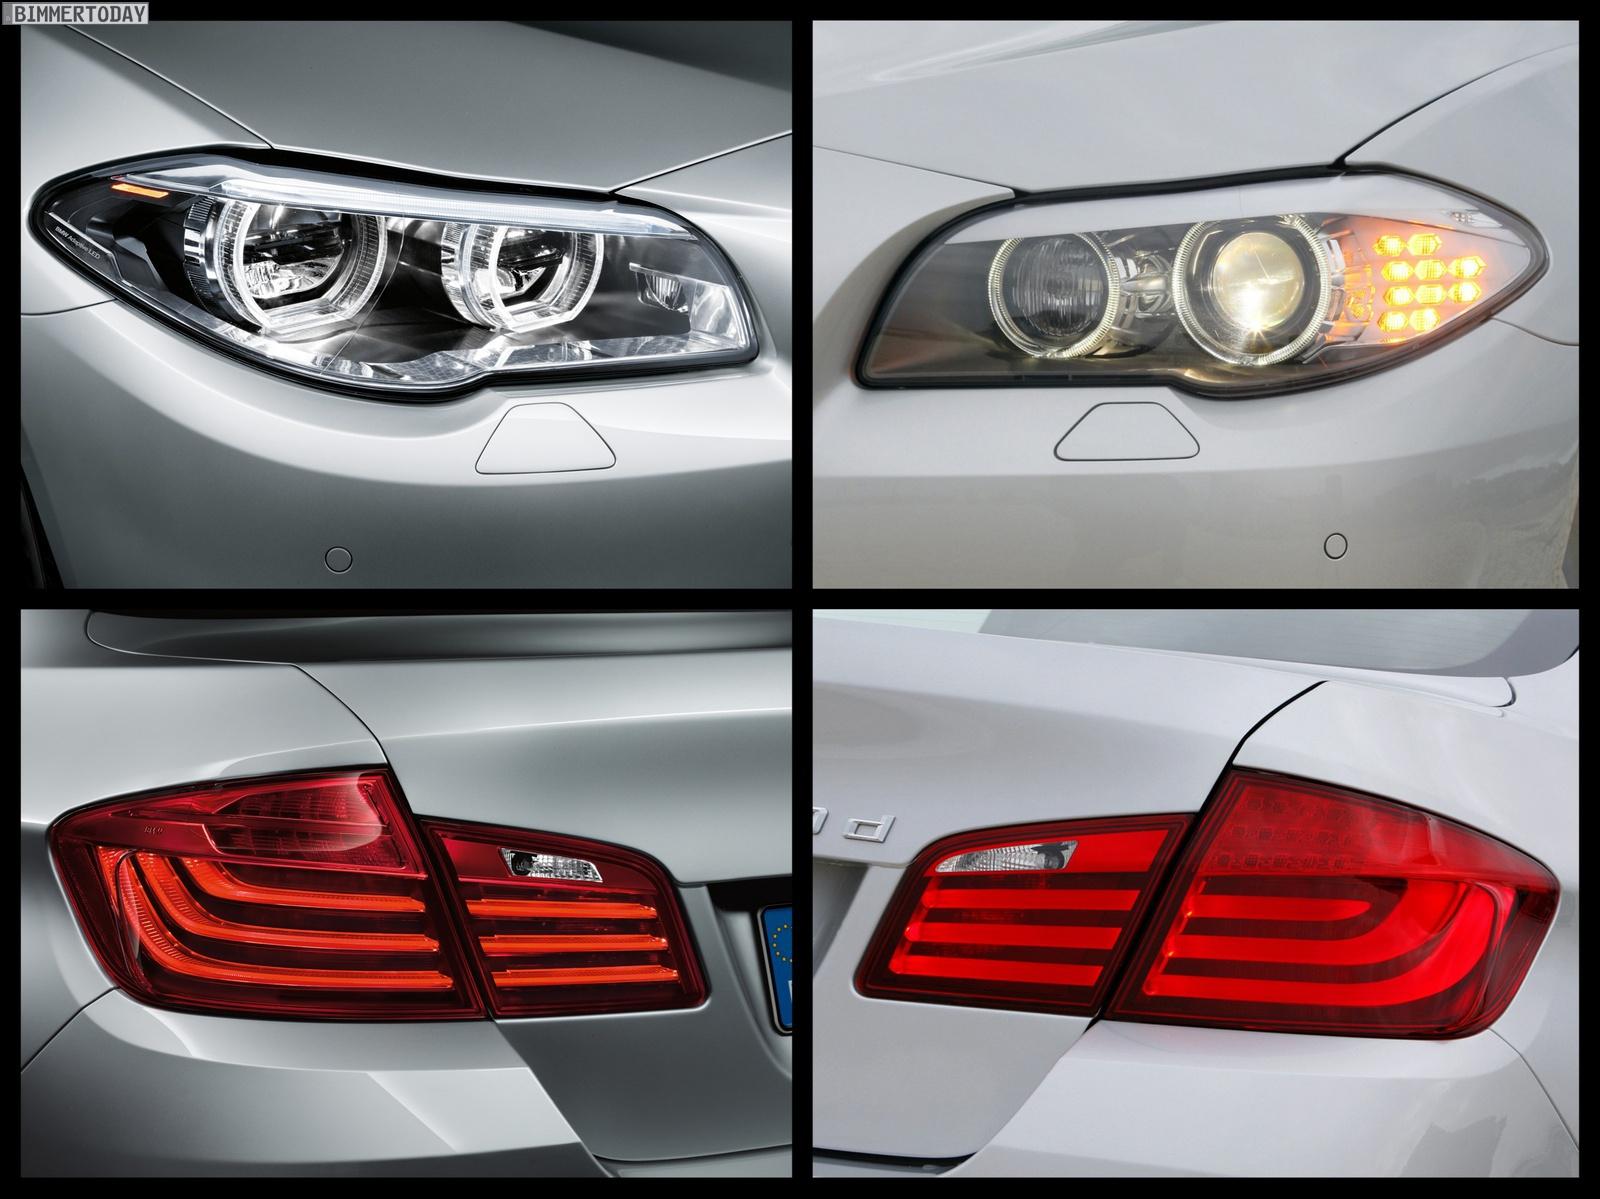 Bild Vergleich Bmw 5er Facelift 2013 Mit Pre Facelift F07